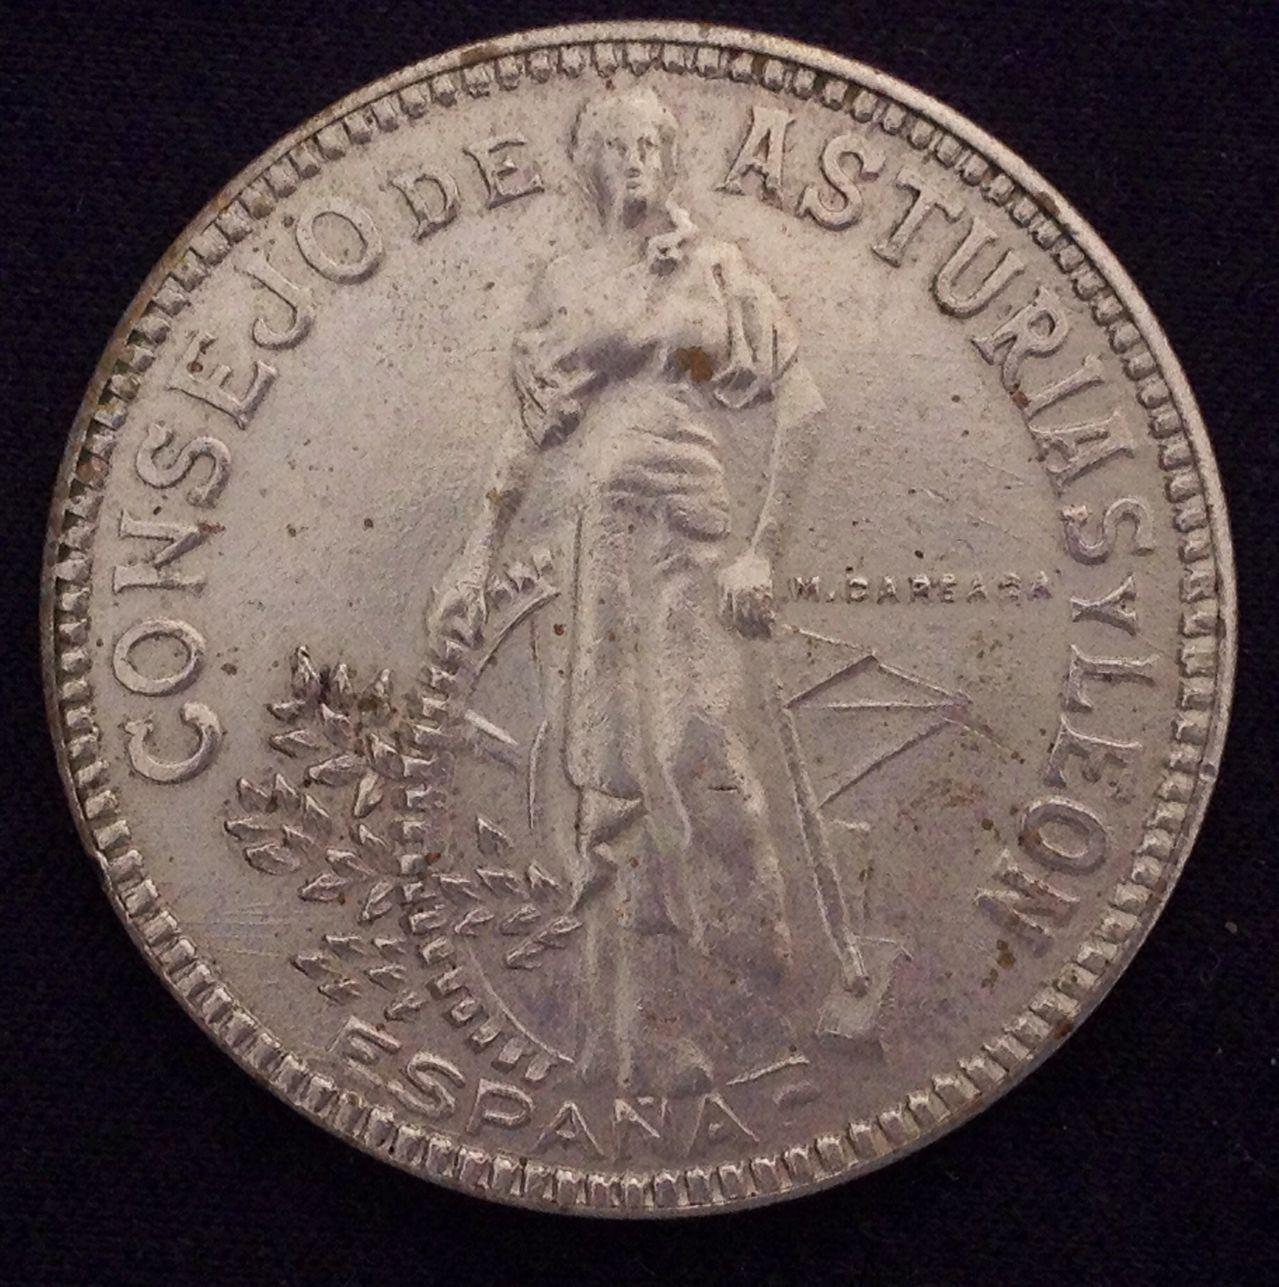 2 pesetas 1937 Cosejo de Asturias y León - Página 2 Image